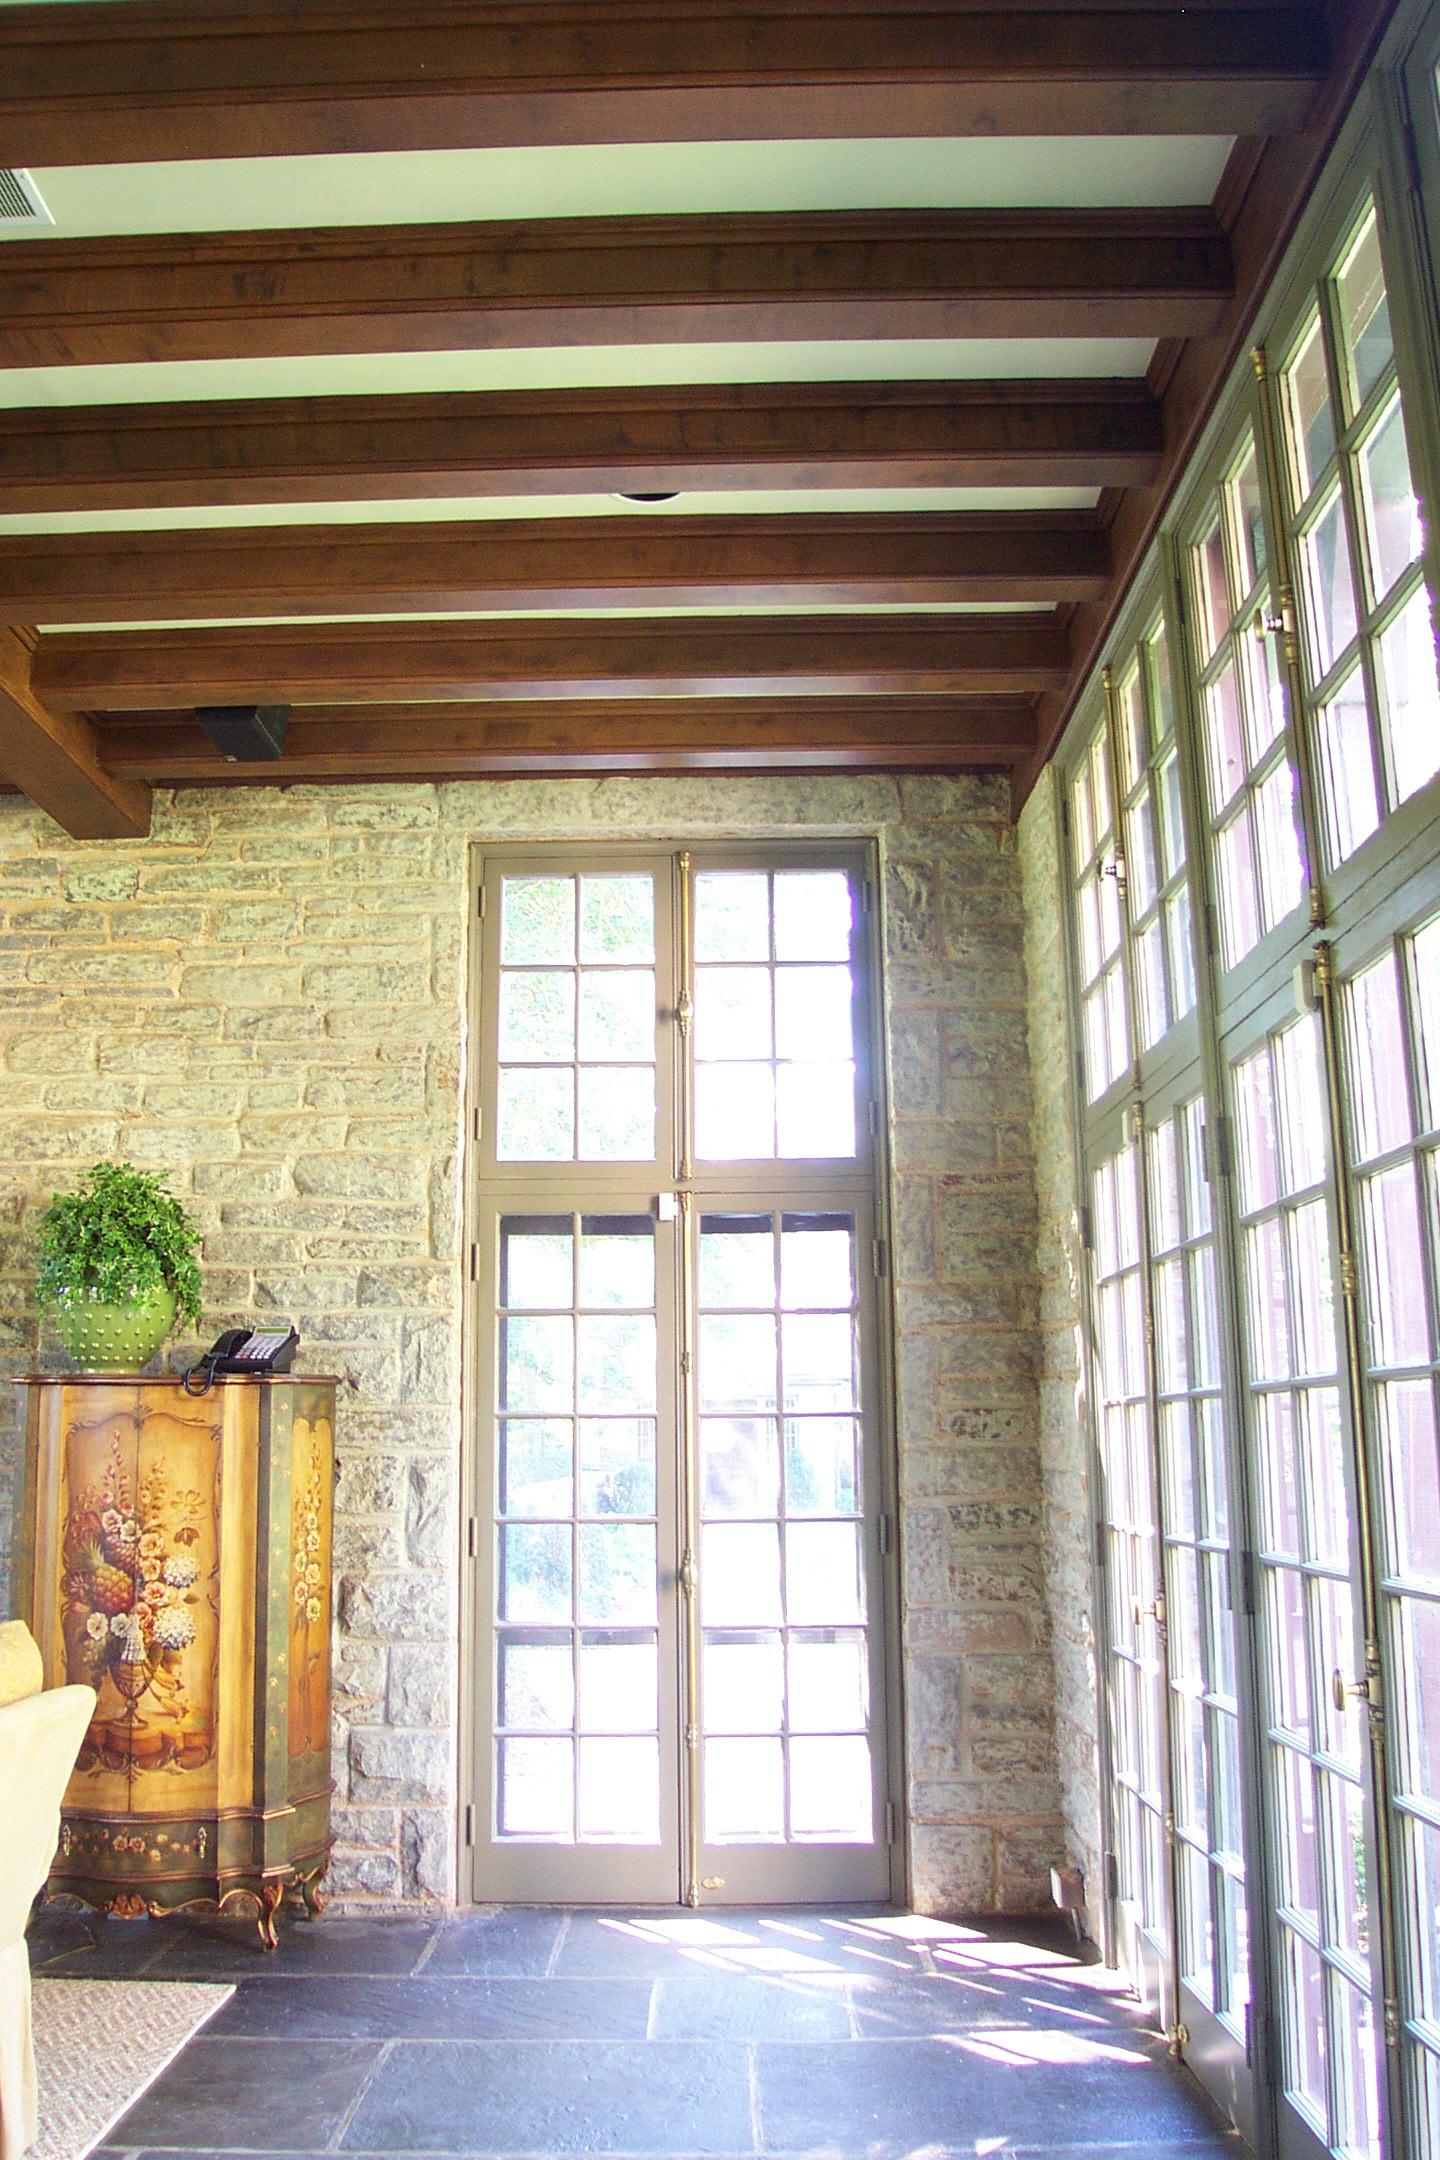 Woodgrain on beams